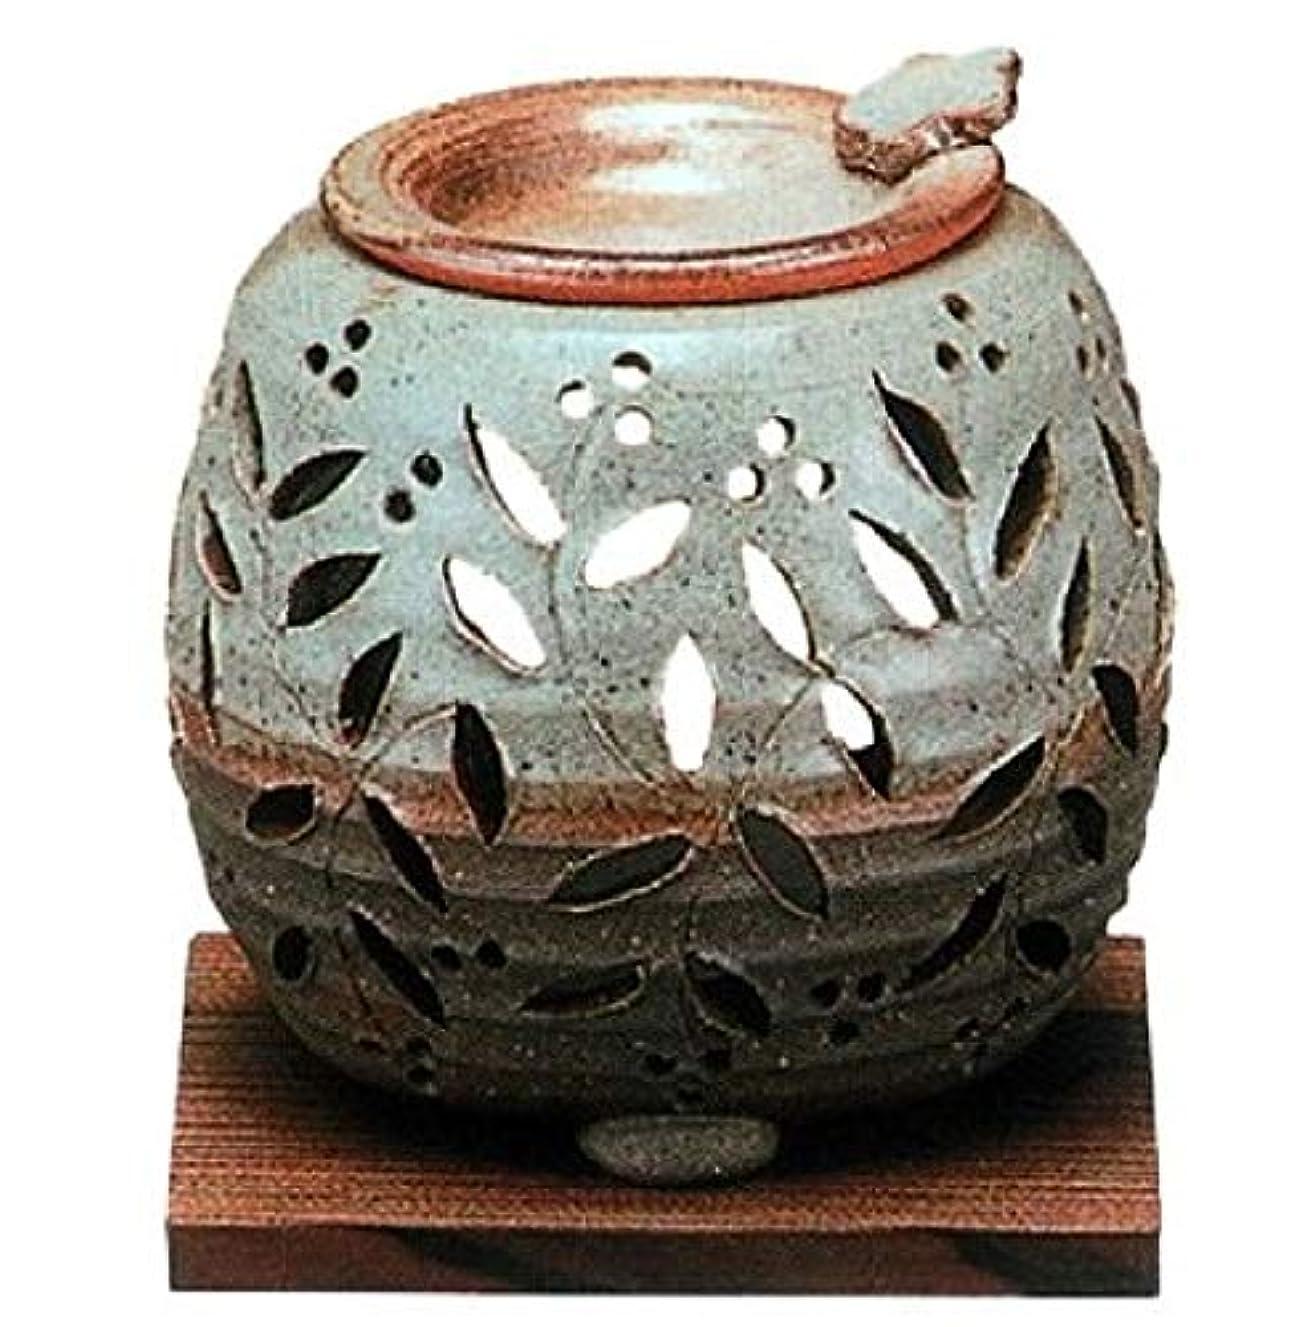 ふさわしい習慣許可する【常滑焼】石龍 緑灰釉花透かし彫り茶香炉 灰釉花透かし  φ11×H11㎝ 3-829